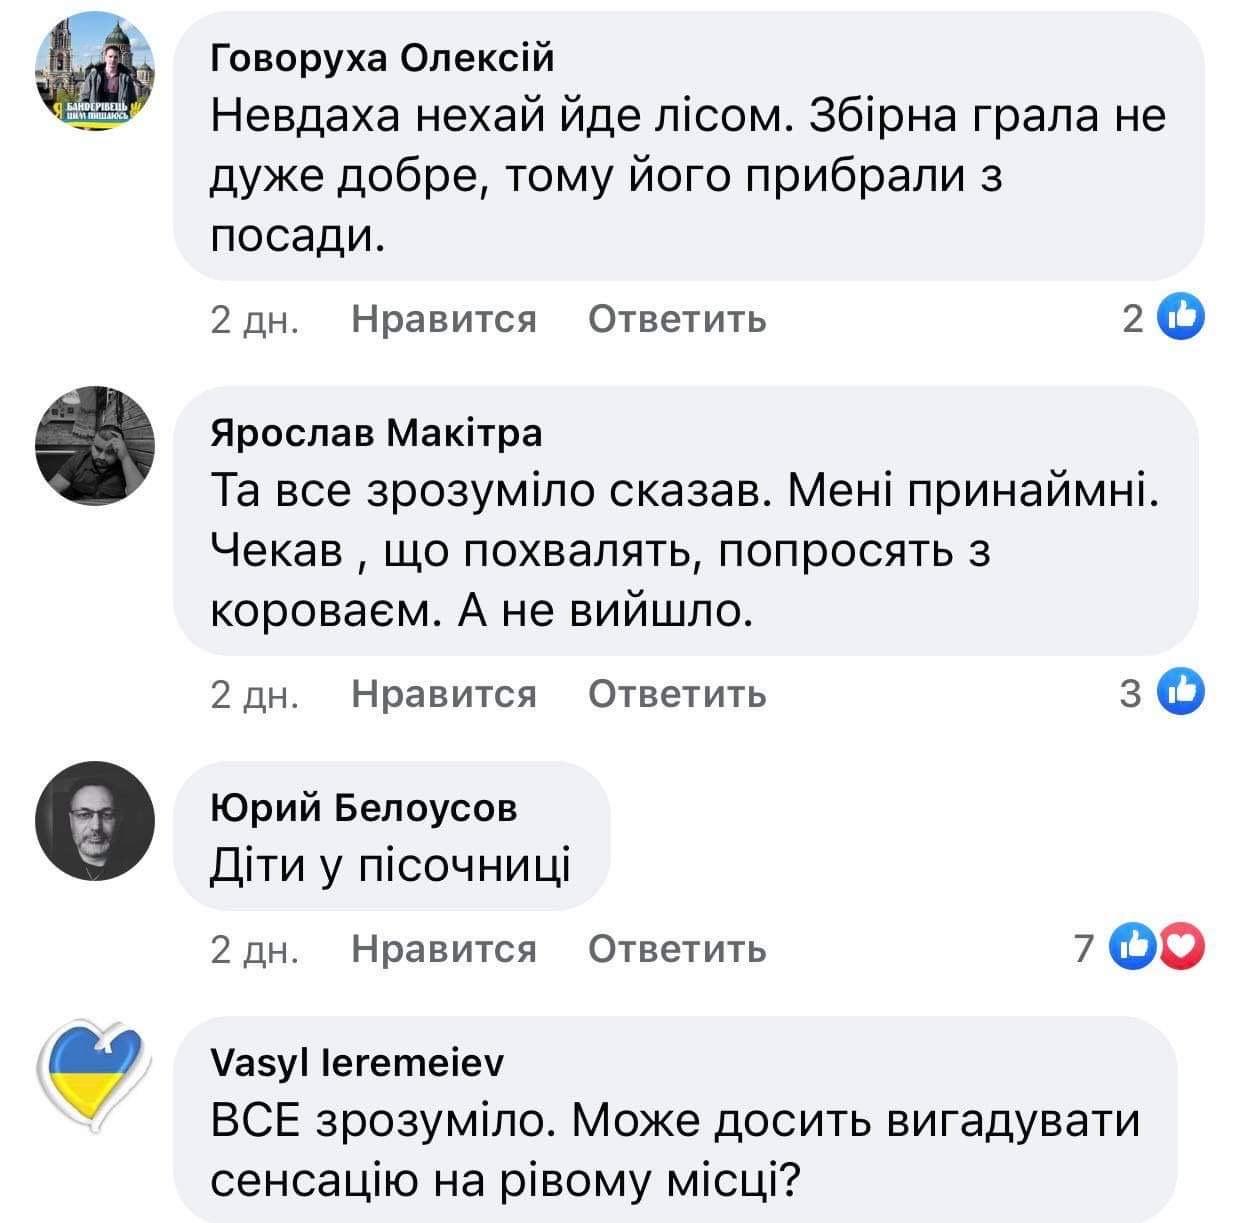 «До Евро говорил о работе в клубе, а после Евро клуба не оказалось»: как украинцы реагируют на заявление Шевченко - фото 3